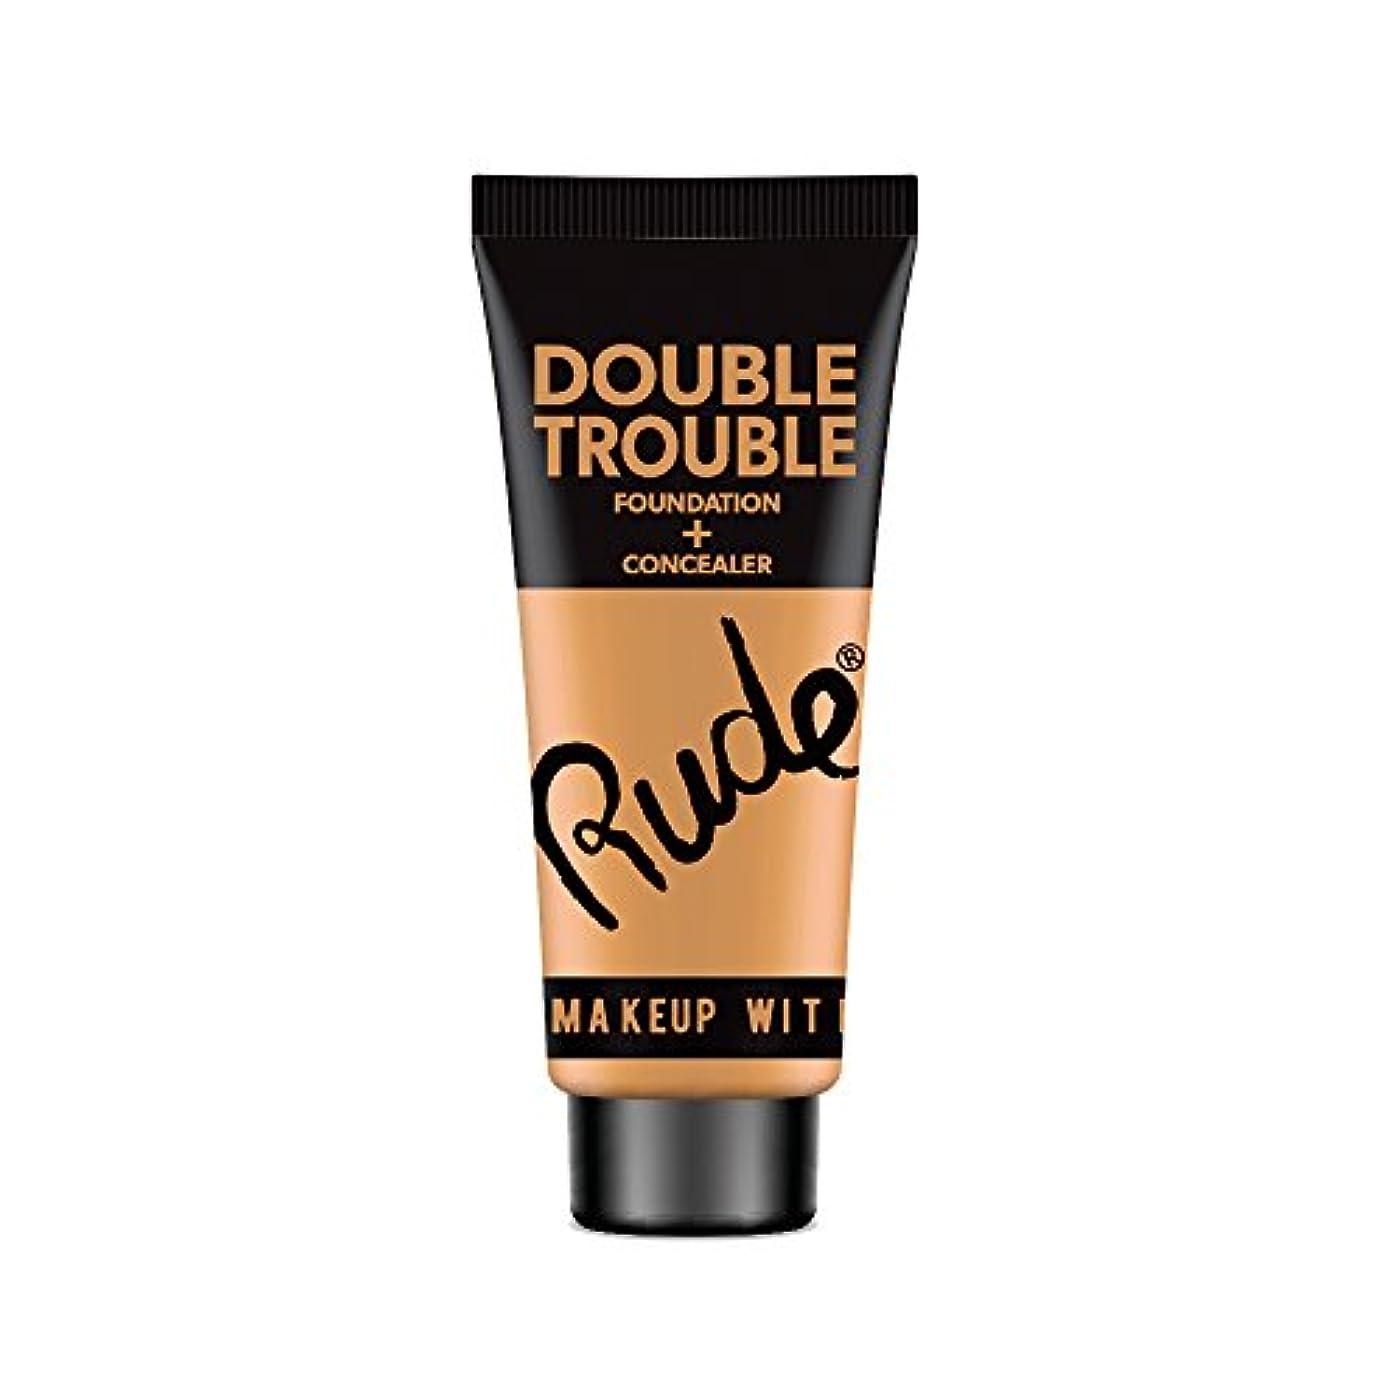 相関する完璧潜在的な(3 Pack) RUDE Double Trouble Foundation + Concealer - Warm Natural (並行輸入品)